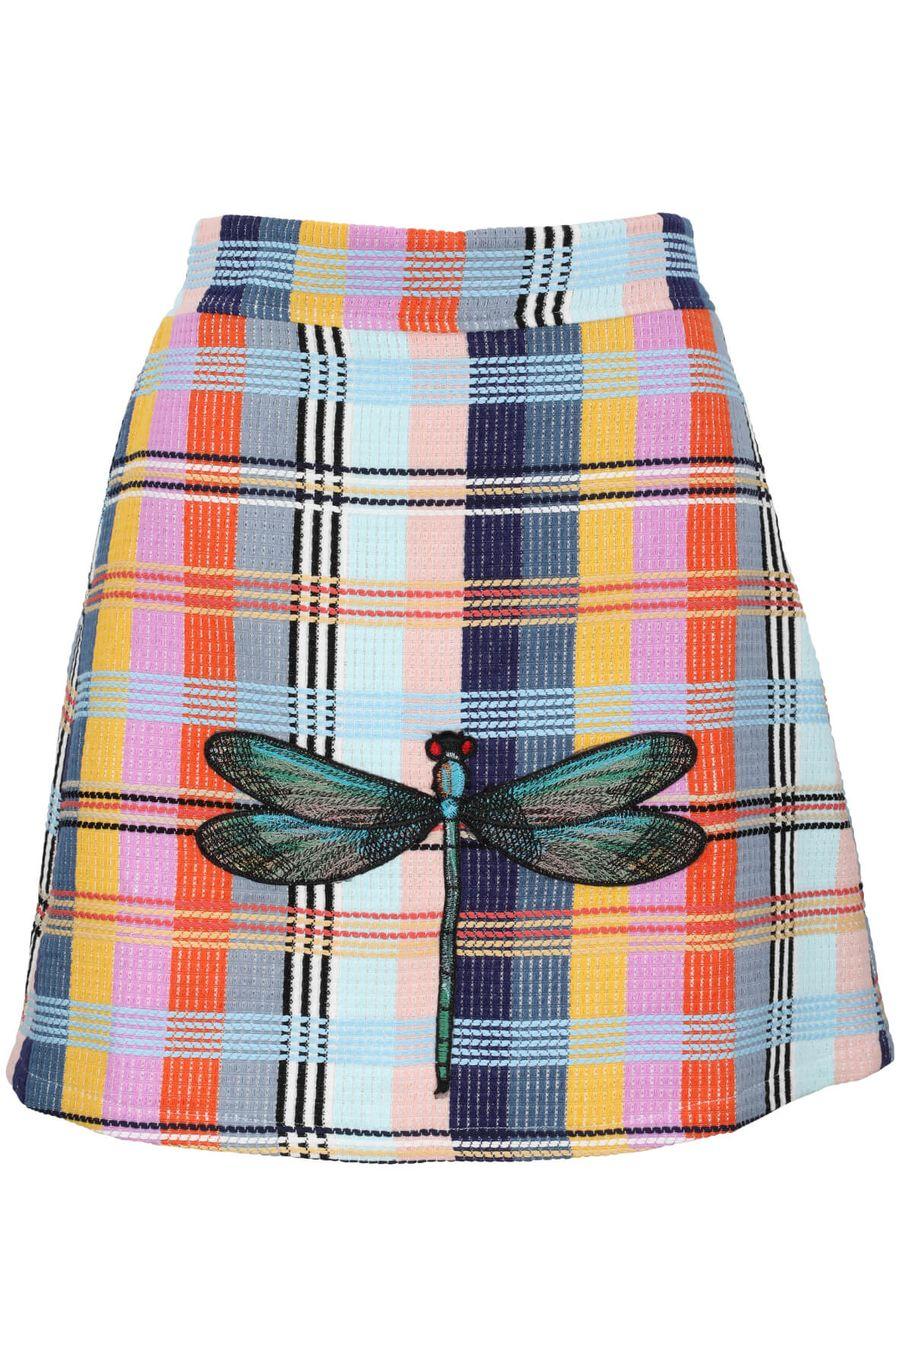 sister-jane-balzac-tweed-skirt-1